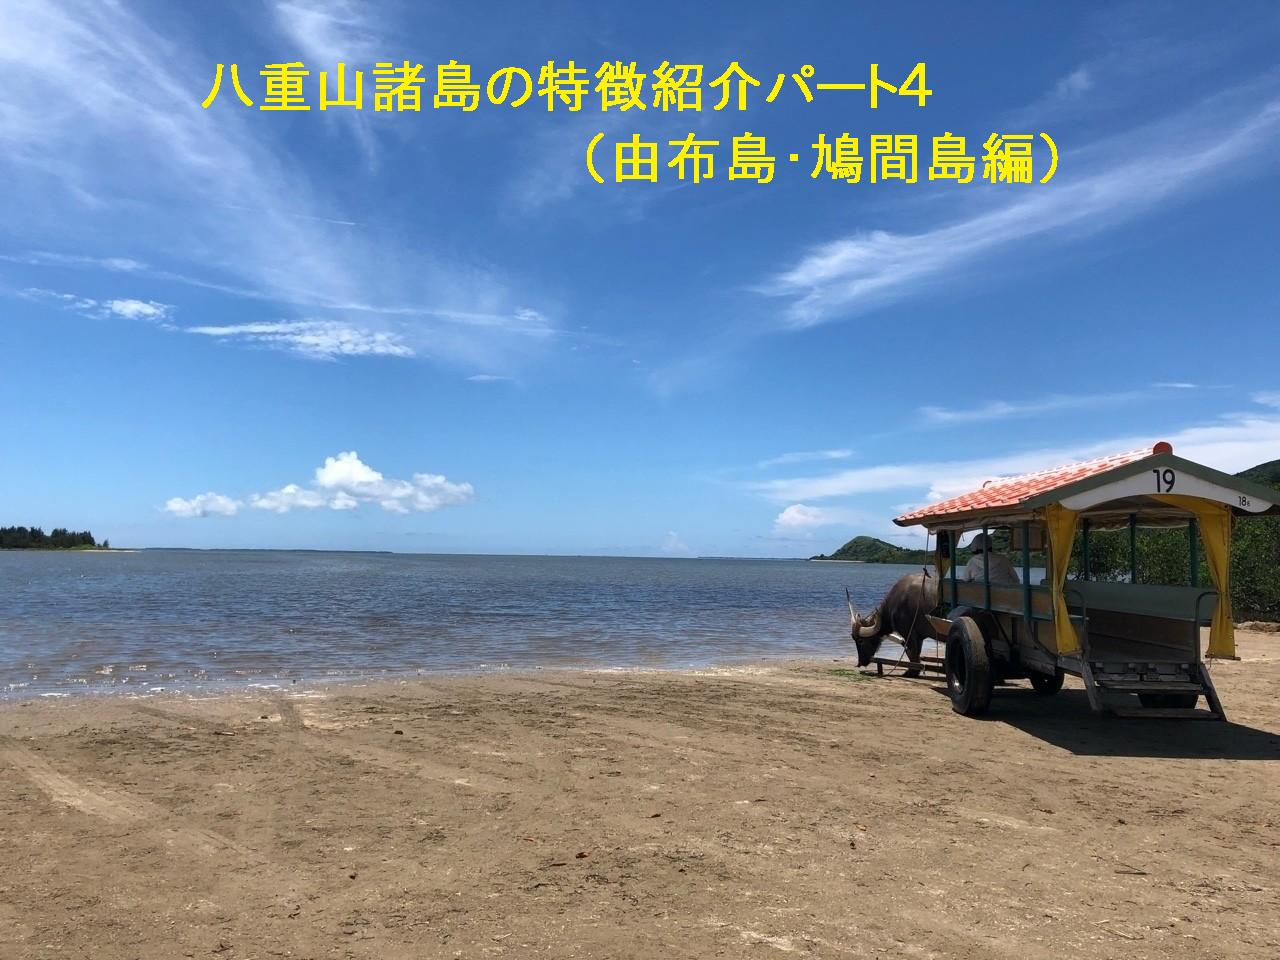 八重山諸島の特徴紹介パート4(由布島・鳩間島編)